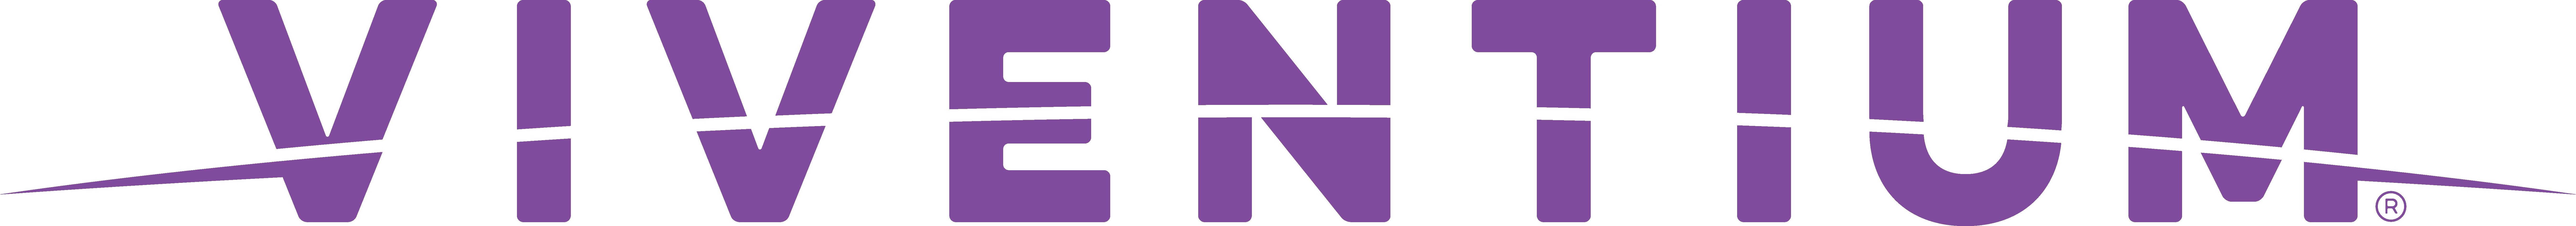 Viventium_Purple